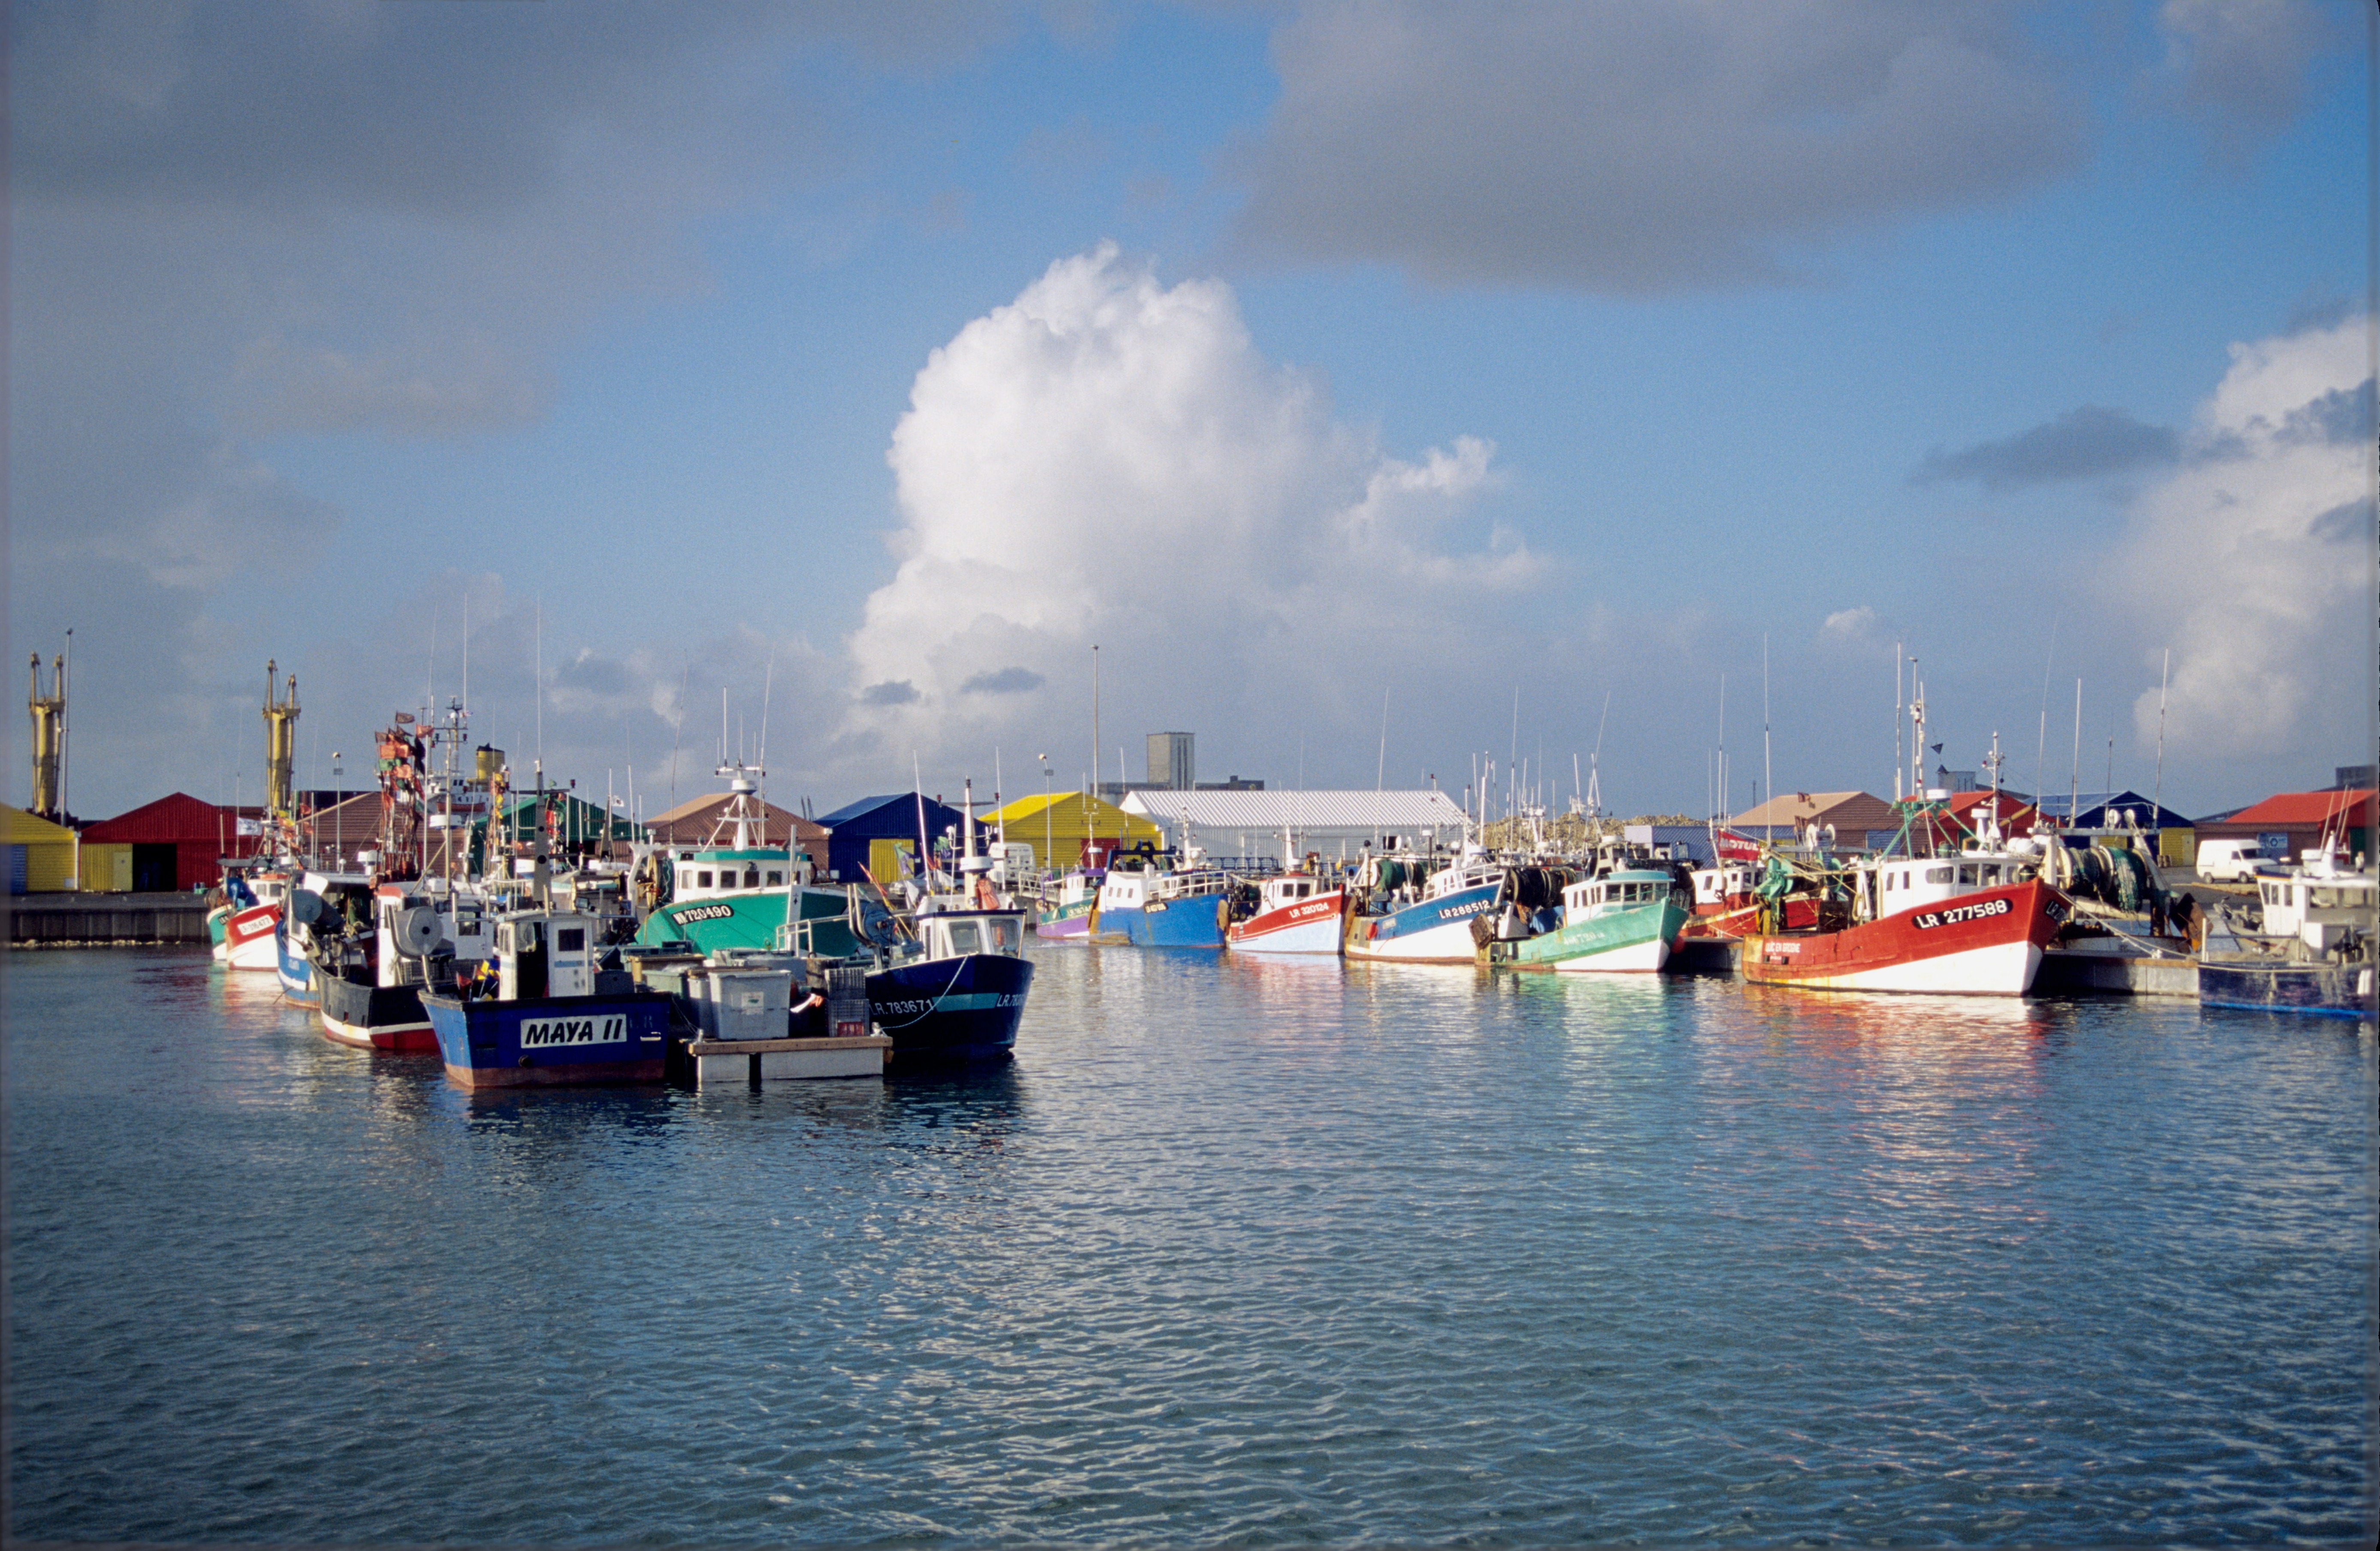 Comment pecher au port - Comment pecher dans un port ...